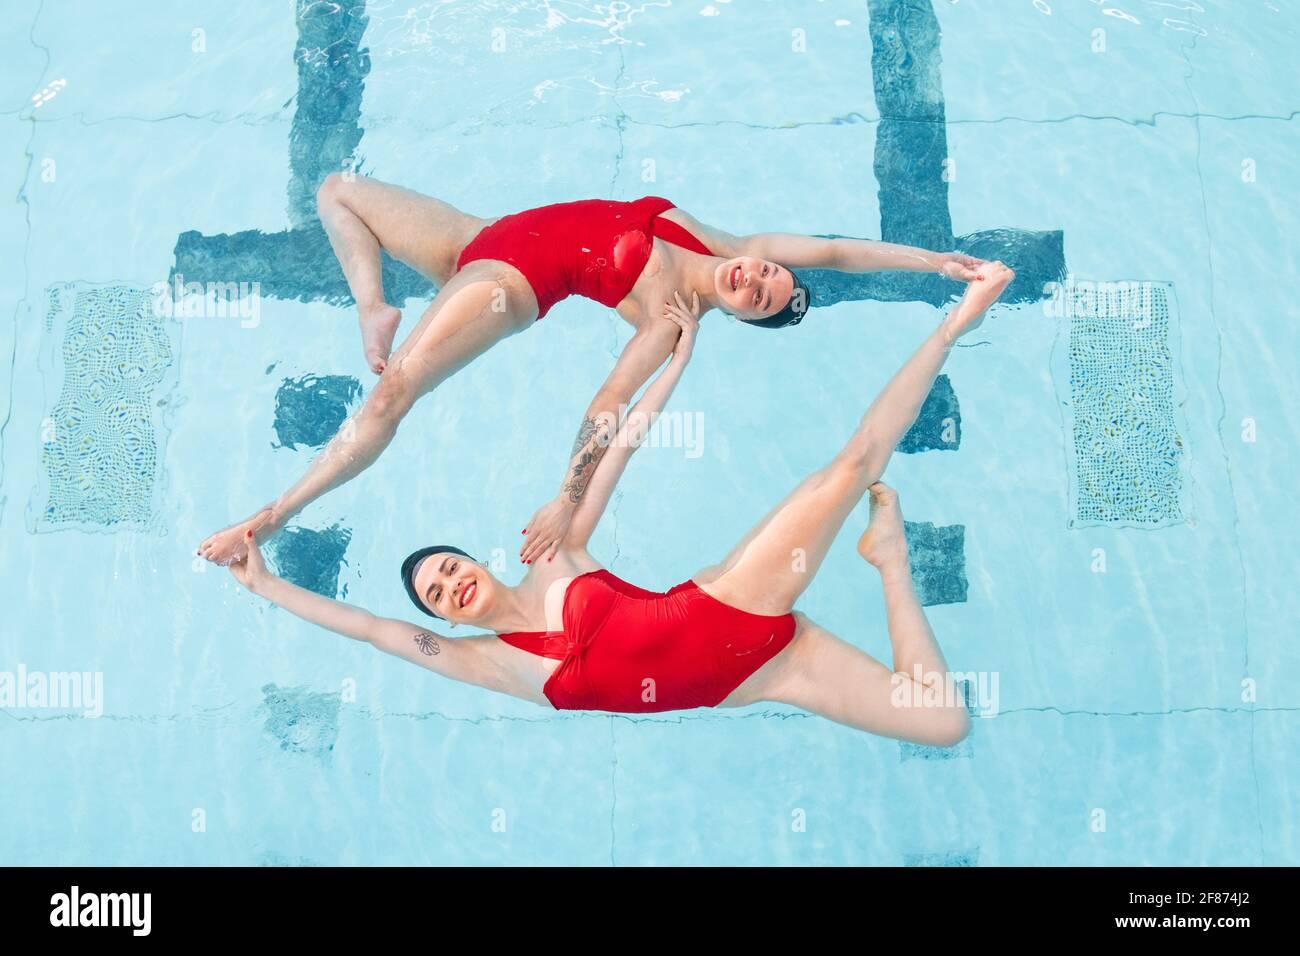 Rebecca Richardson (en haut) et Geneviève Florence, membres de l'équipe de natation synchronisée Aquabatix lors d'une séance d'entraînement dans la piscine du Clissold Leisure Centre, au nord de Londres, qui a rouvert au public alors que l'Angleterre fait un nouveau pas vers la normalité avec l'assouplissement supplémentaire des restrictions de verrouillage. Date de la photo: Lundi 12 avril 2021. Banque D'Images